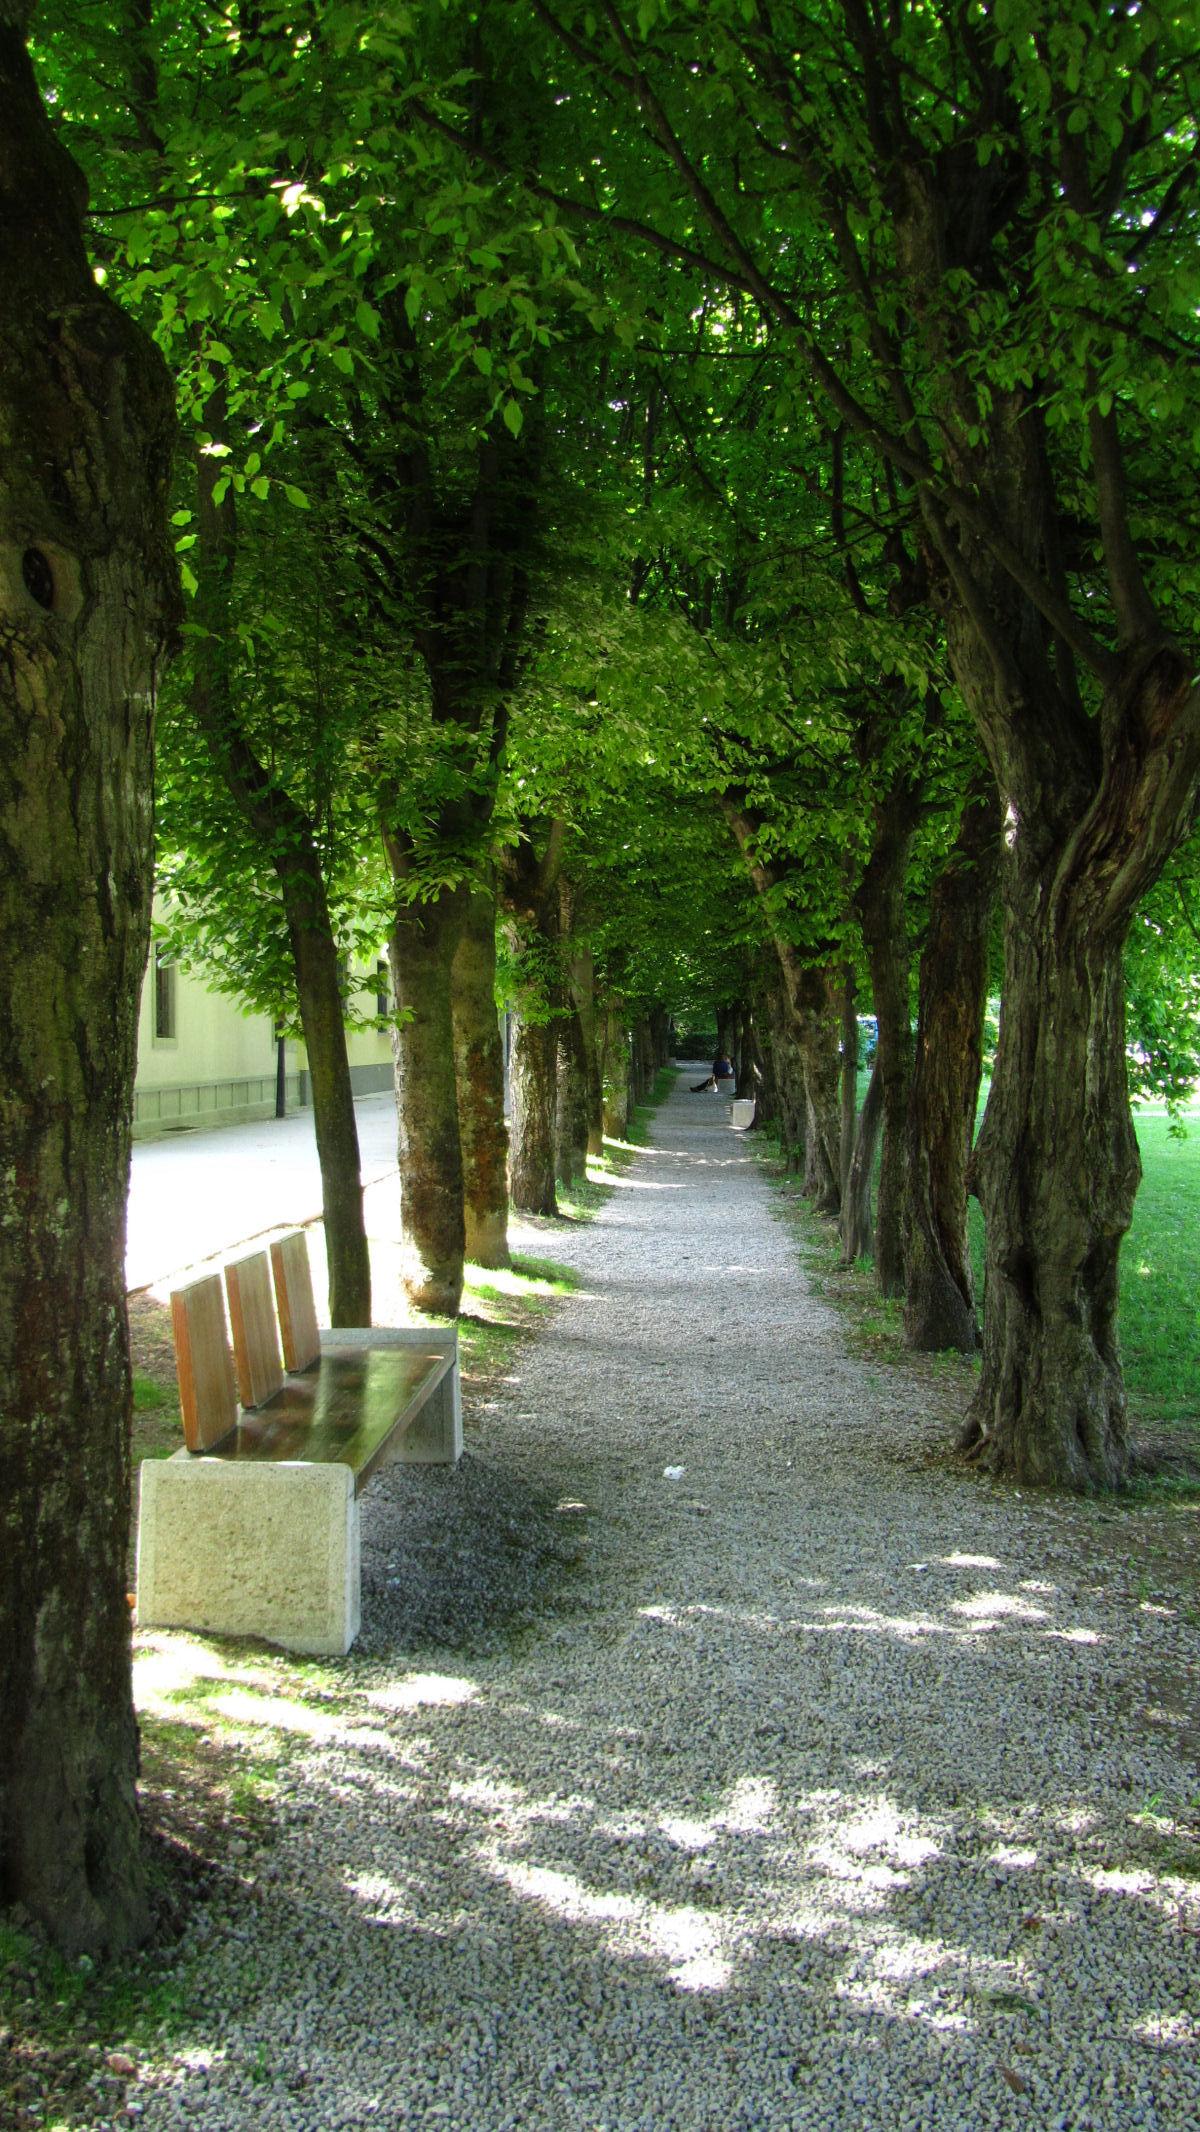 radovljica-medieval-old-town-8473